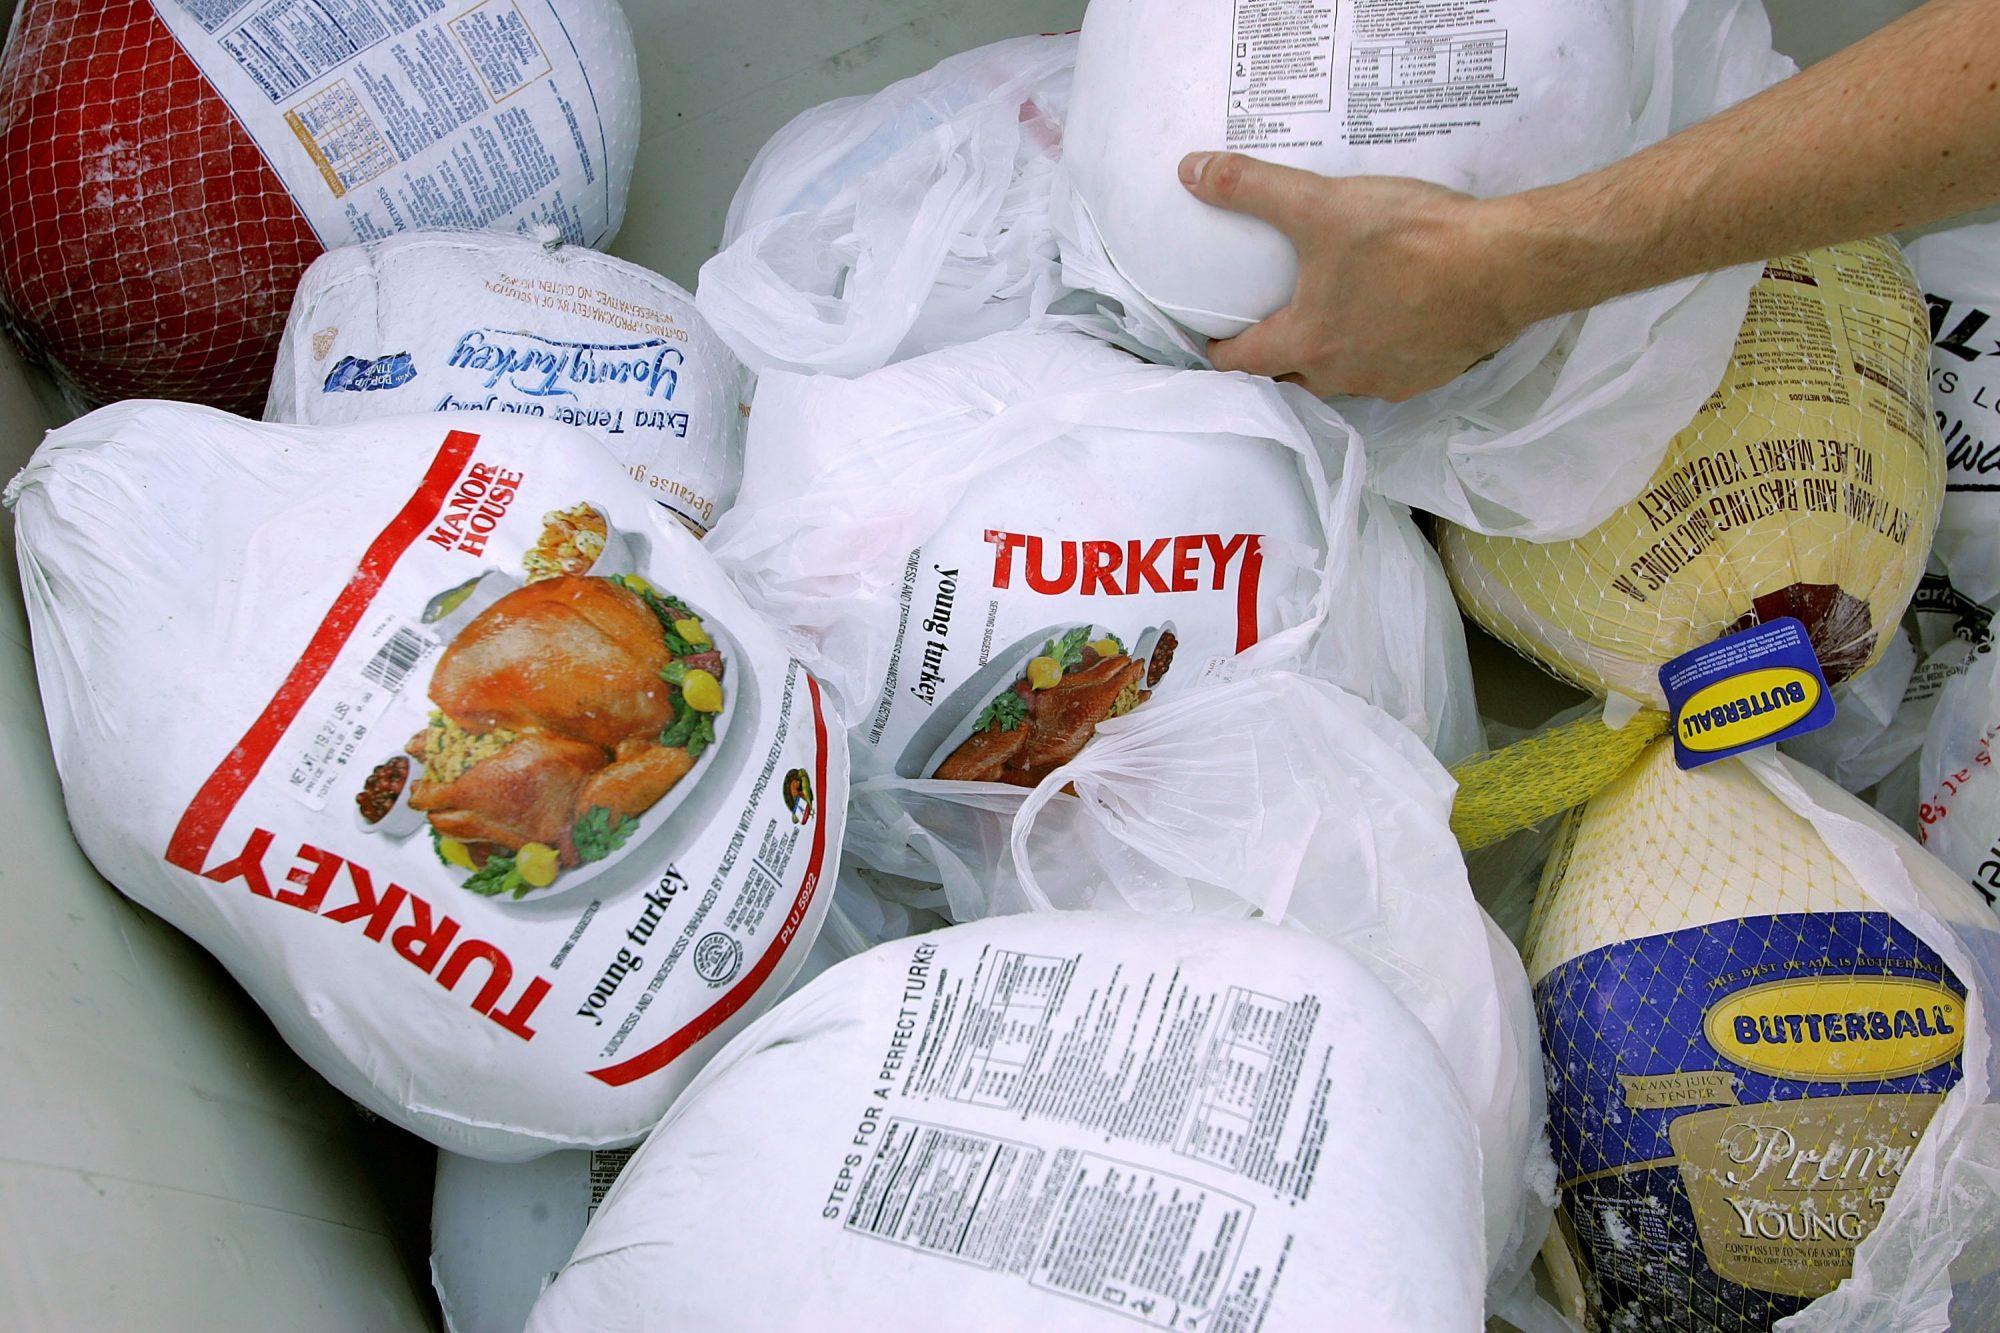 getty-frozen-turkeys-image